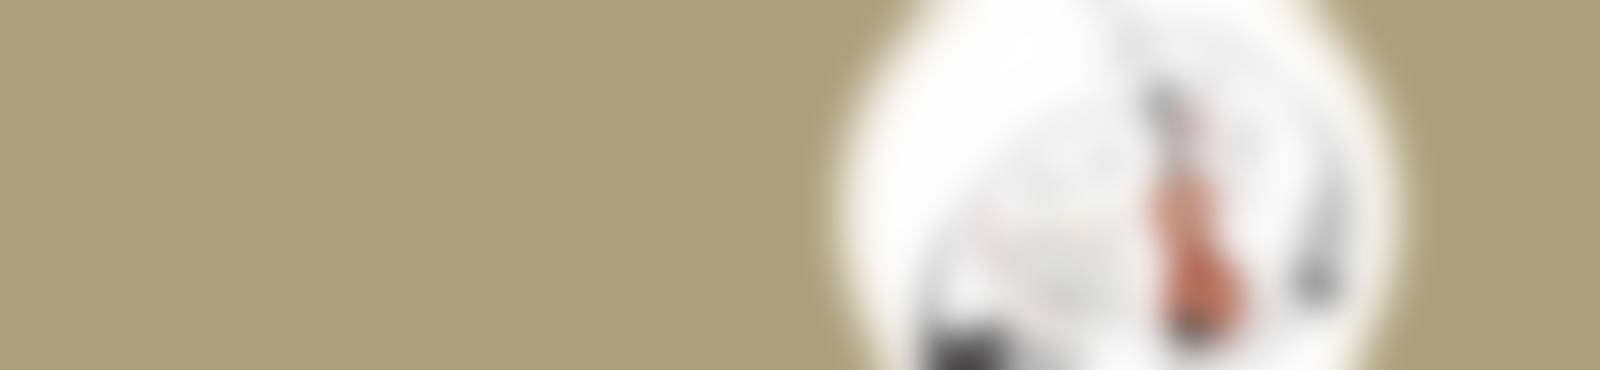 Blurred 76edf8c9 51f7 41bf 96dd f440ecf17274